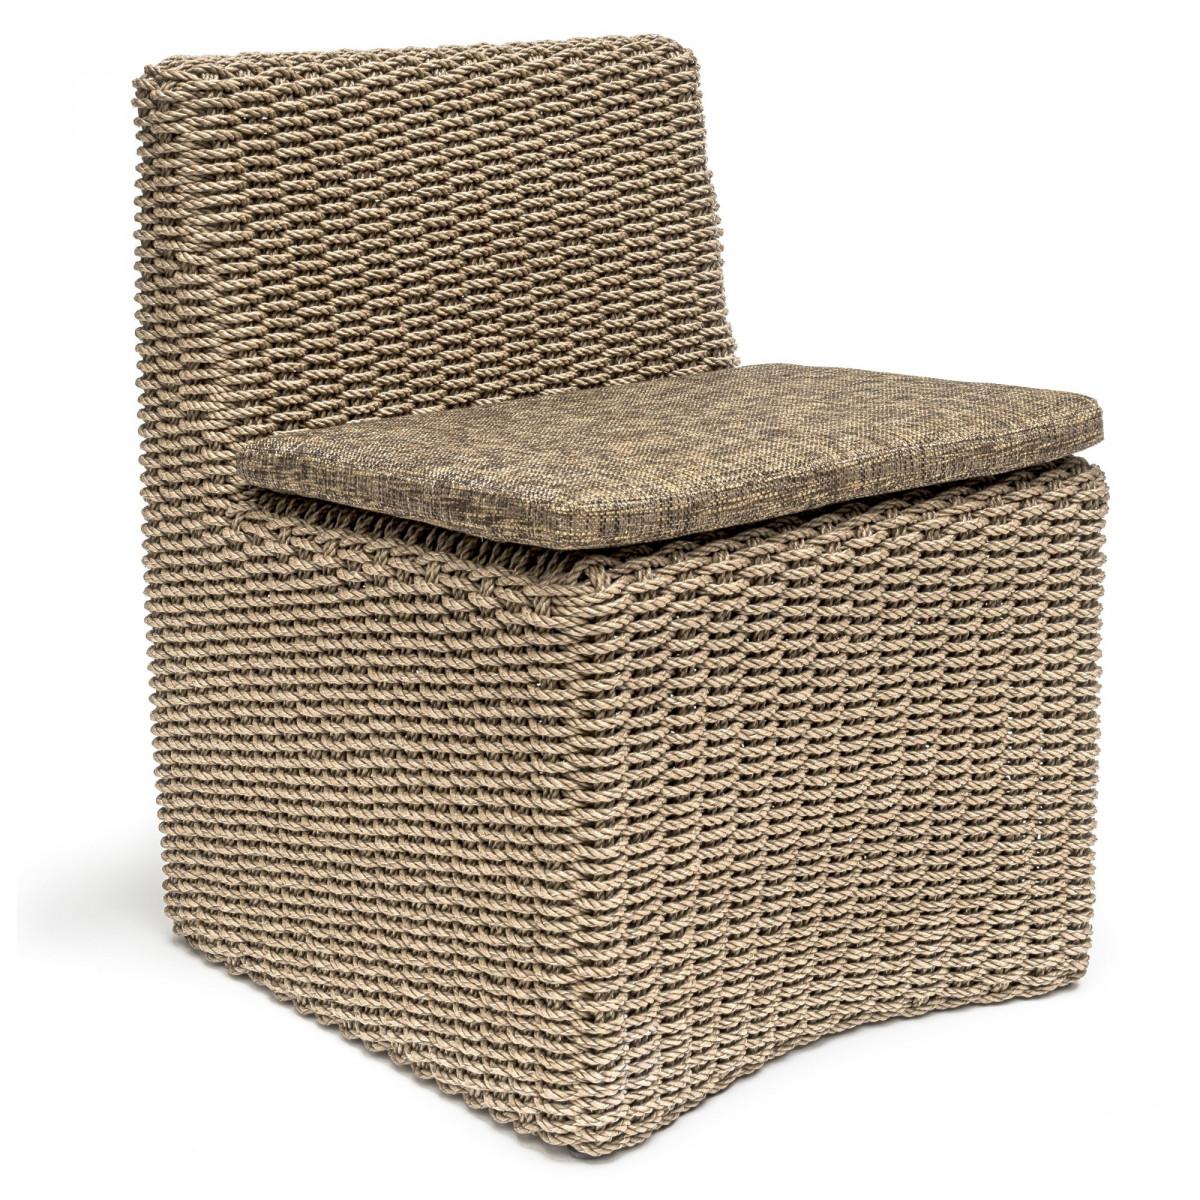 fauteuil en osier claire avec coussin